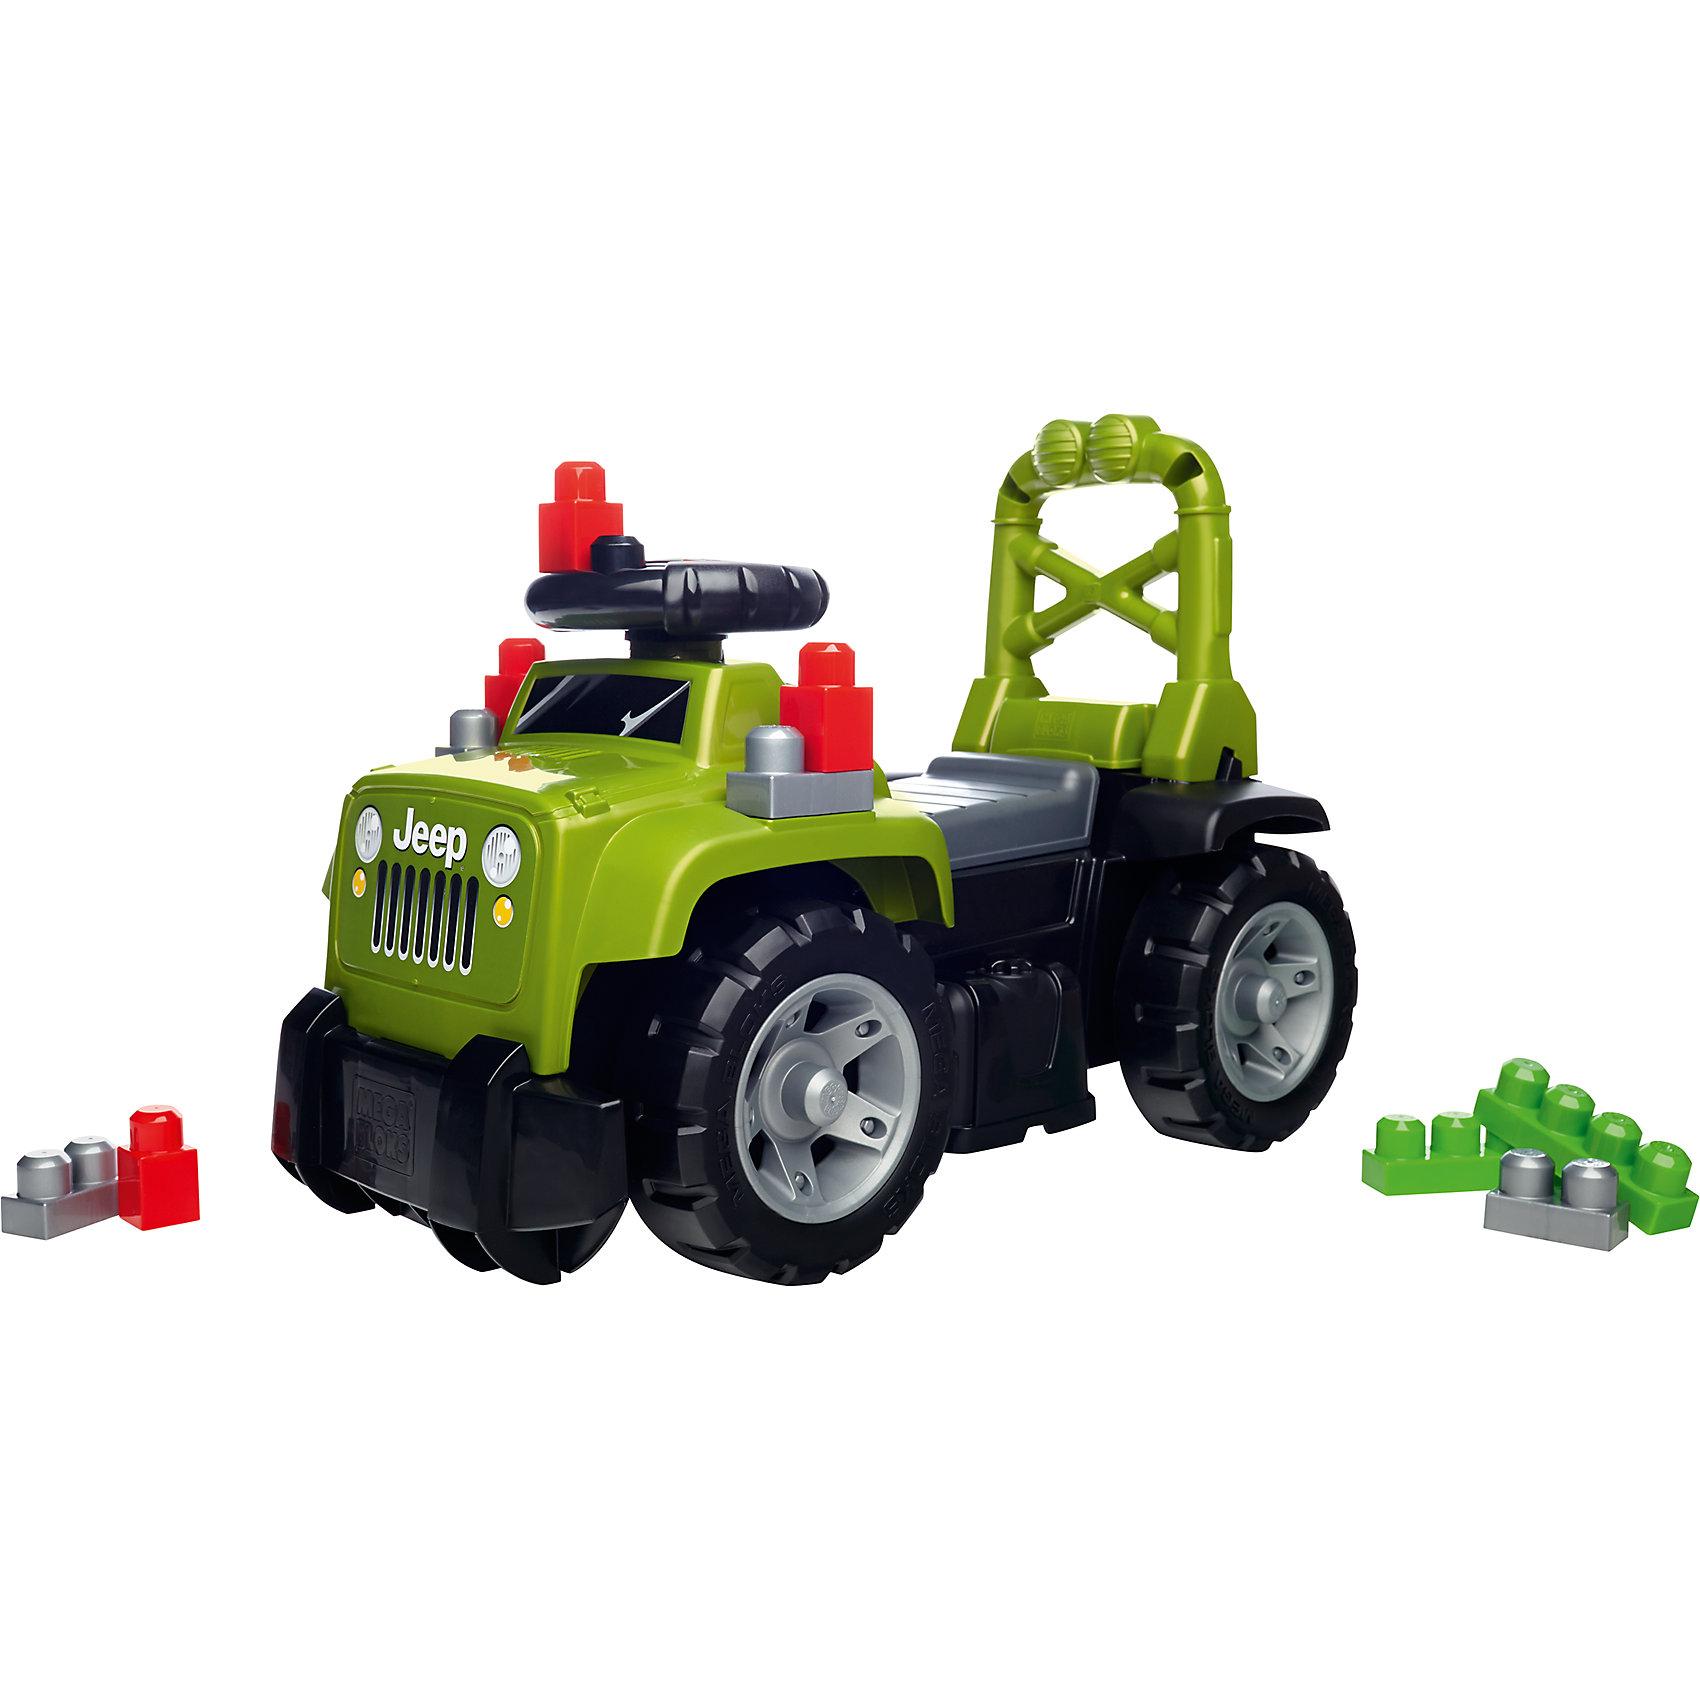 Большой зеленый джип 3-в-1, MEGA BLOKSМашинки-каталки<br>Большой зеленый джип обязательно понравится малышам! Машина имеет удобную спинку, за которую малыш сможет держаться, используя игрушку как ходунки. Объемный отсек под сиденьем вмещает 10 тематических блоков First Builders, с которыми очень интересно играть. На руле расположены кнопки, имитирующие звуки настоящей машины, что сделает игру еще увлекательнее. <br><br>Дополнительная информация:<br><br>- Комплектация: машина, 10 блоков. <br>- Материал: пластик.<br>- Высокая ручка-спинка.<br>- Отсек для блоков под сиденьем. <br>- Звуковые эффекты. <br>- Элемент питания: 2 АА батарейки (не входят в комплект).<br><br>Большой зеленый джип 3-в-1, MEGA BLOKS (Мега Блок) можно купить в нашем магазине.<br><br>Ширина мм: 595<br>Глубина мм: 305<br>Высота мм: 345<br>Вес г: 0<br>Возраст от месяцев: 36<br>Возраст до месяцев: 84<br>Пол: Мужской<br>Возраст: Детский<br>SKU: 4500816